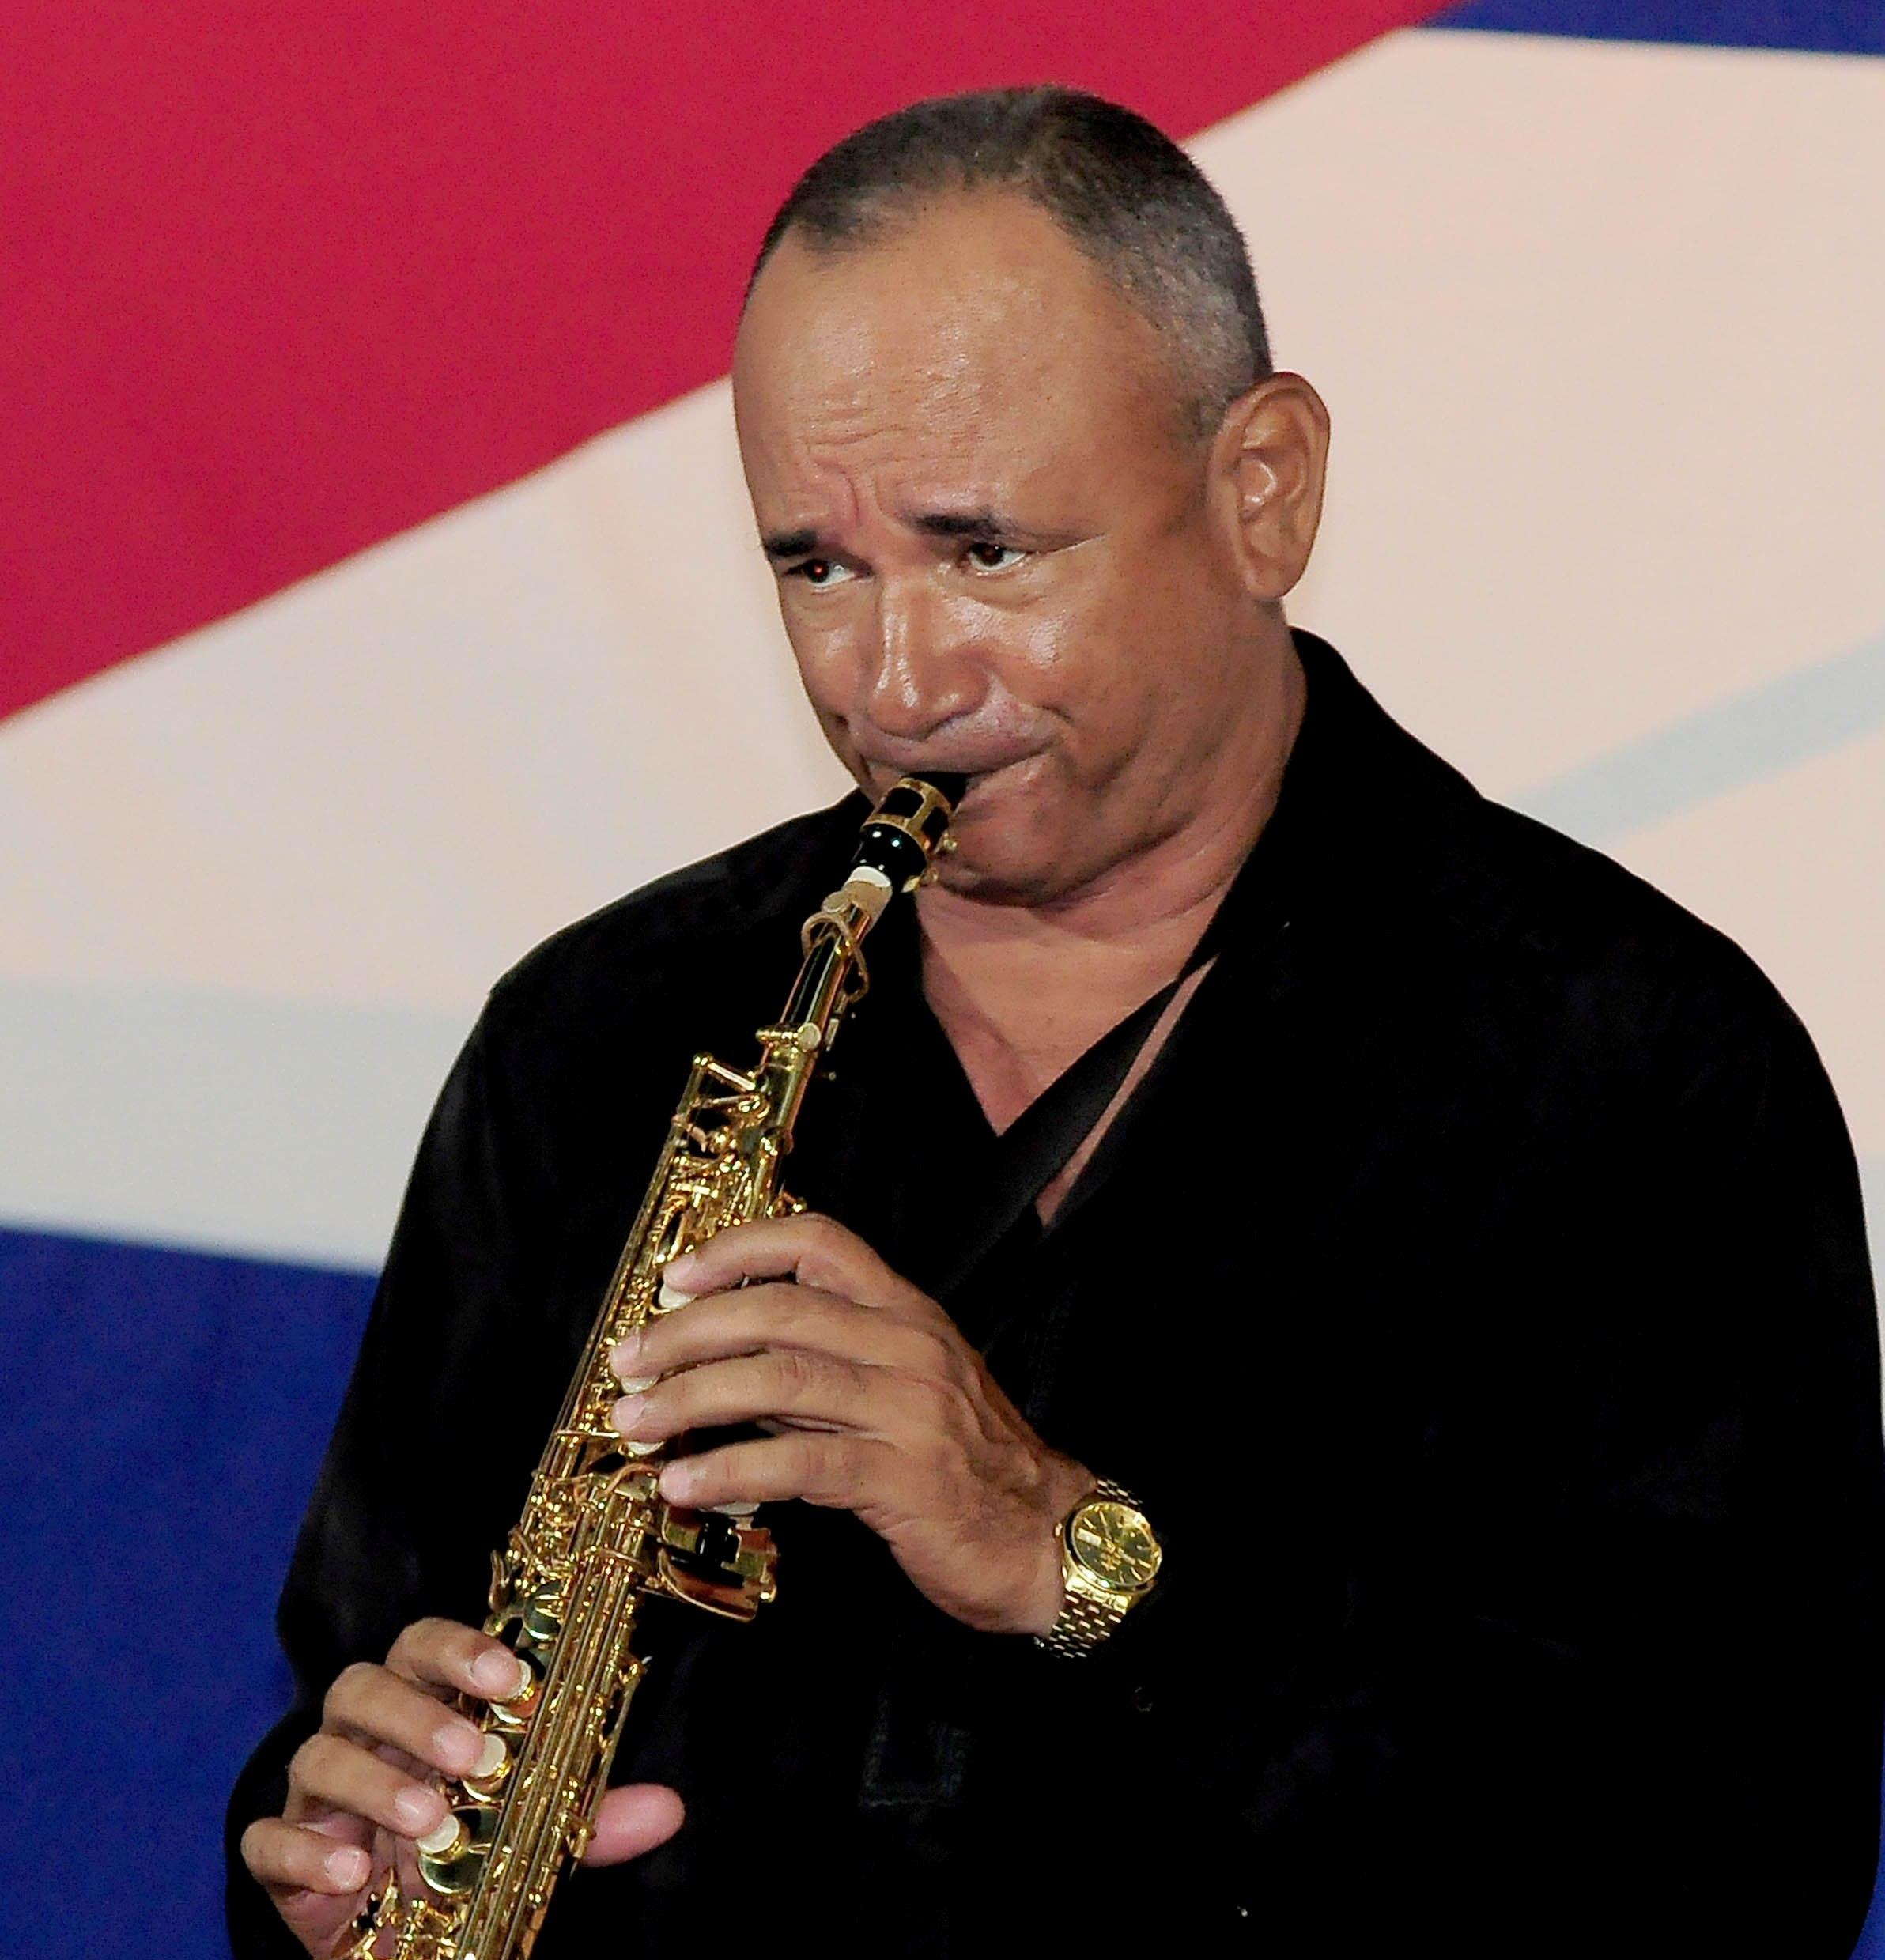 De compañía, un clarinete